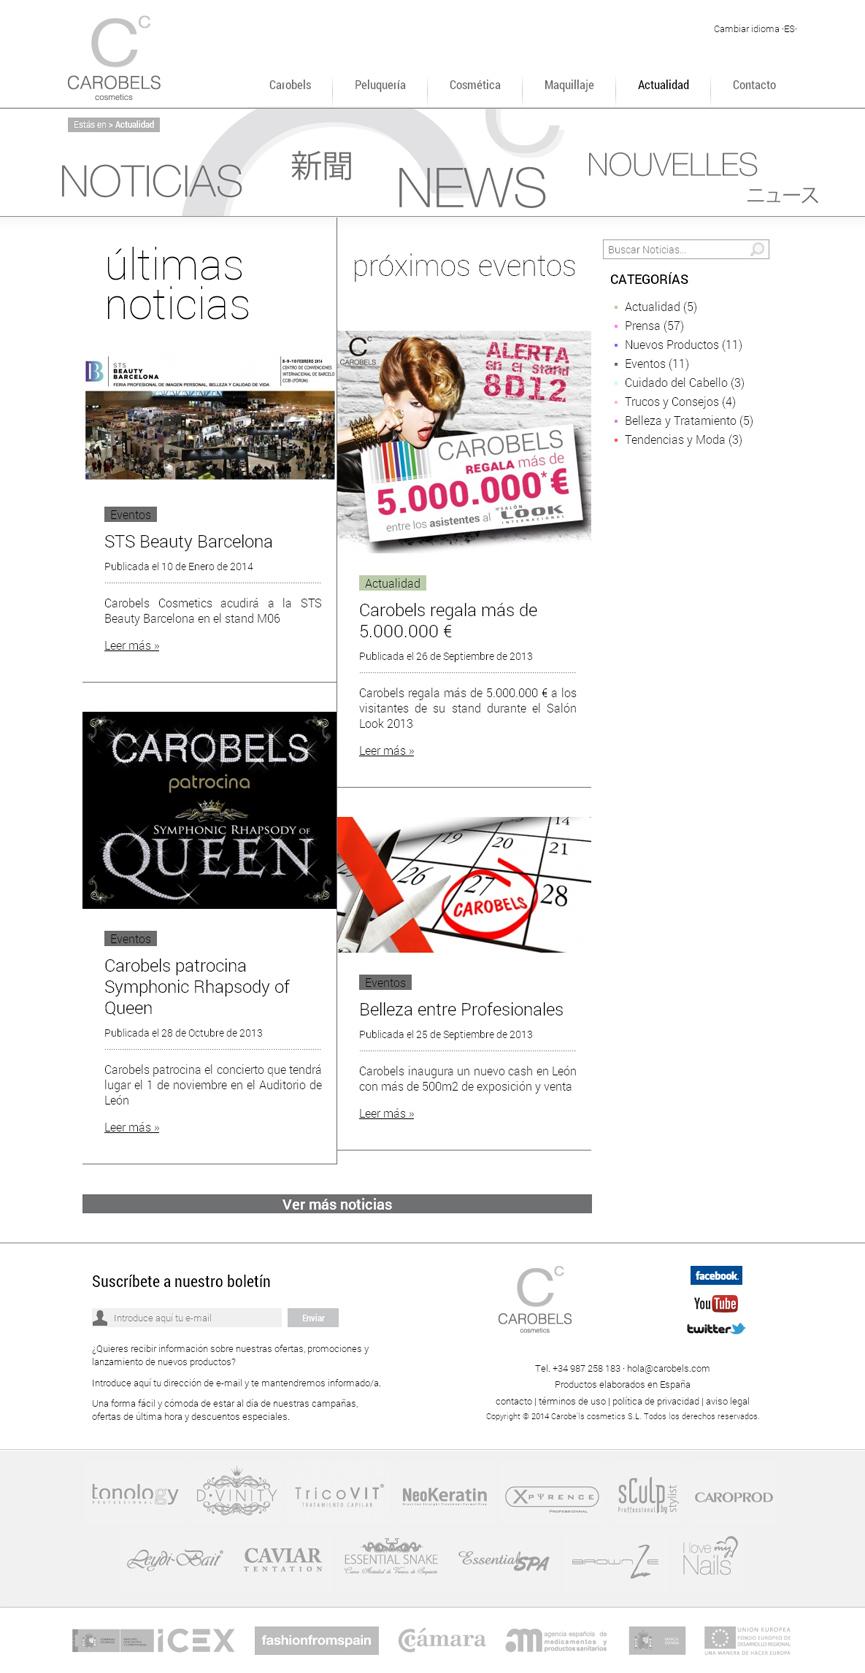 Carobels Cosmetics_car4